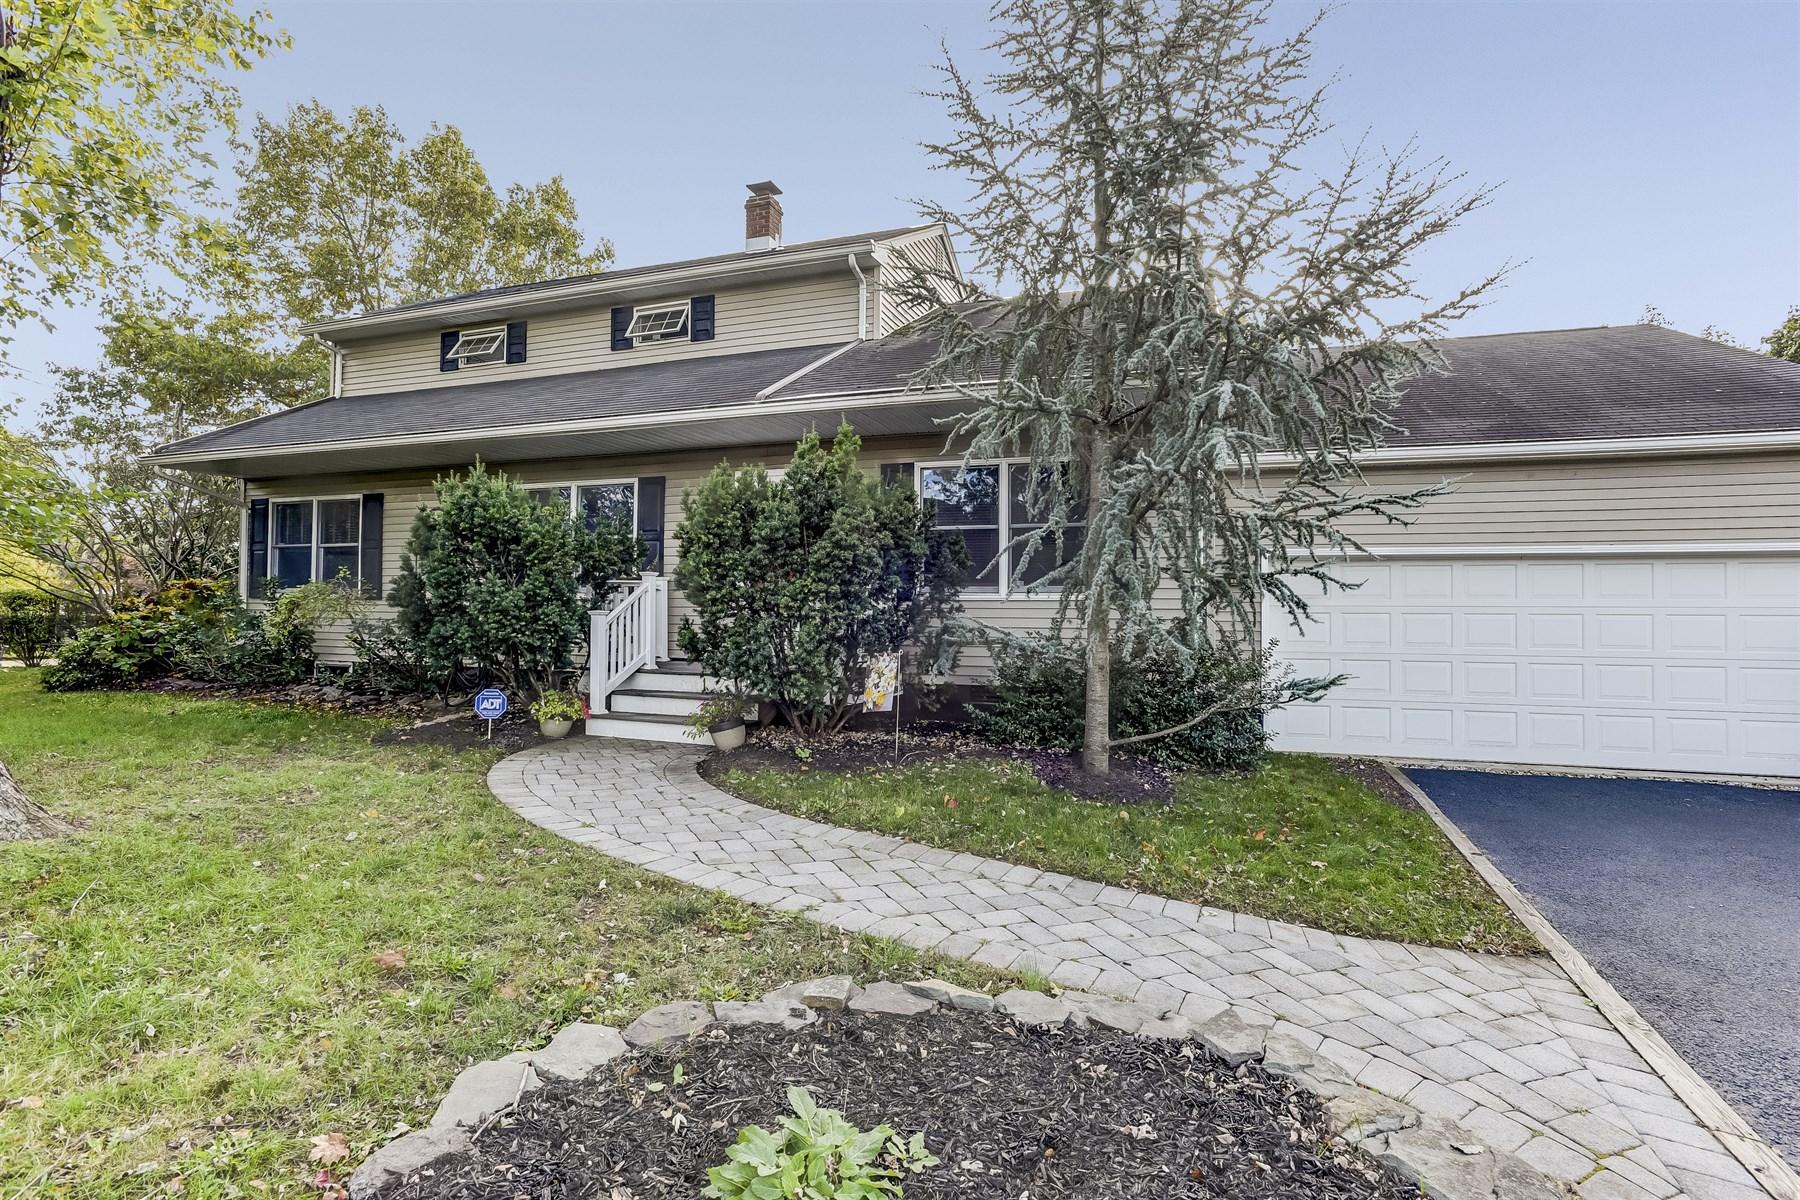 Частный односемейный дом для того Продажа на Charming & Warm Custom Cape 1 Manning Street Red Bank, Нью-Джерси 07701 Соединенные Штаты